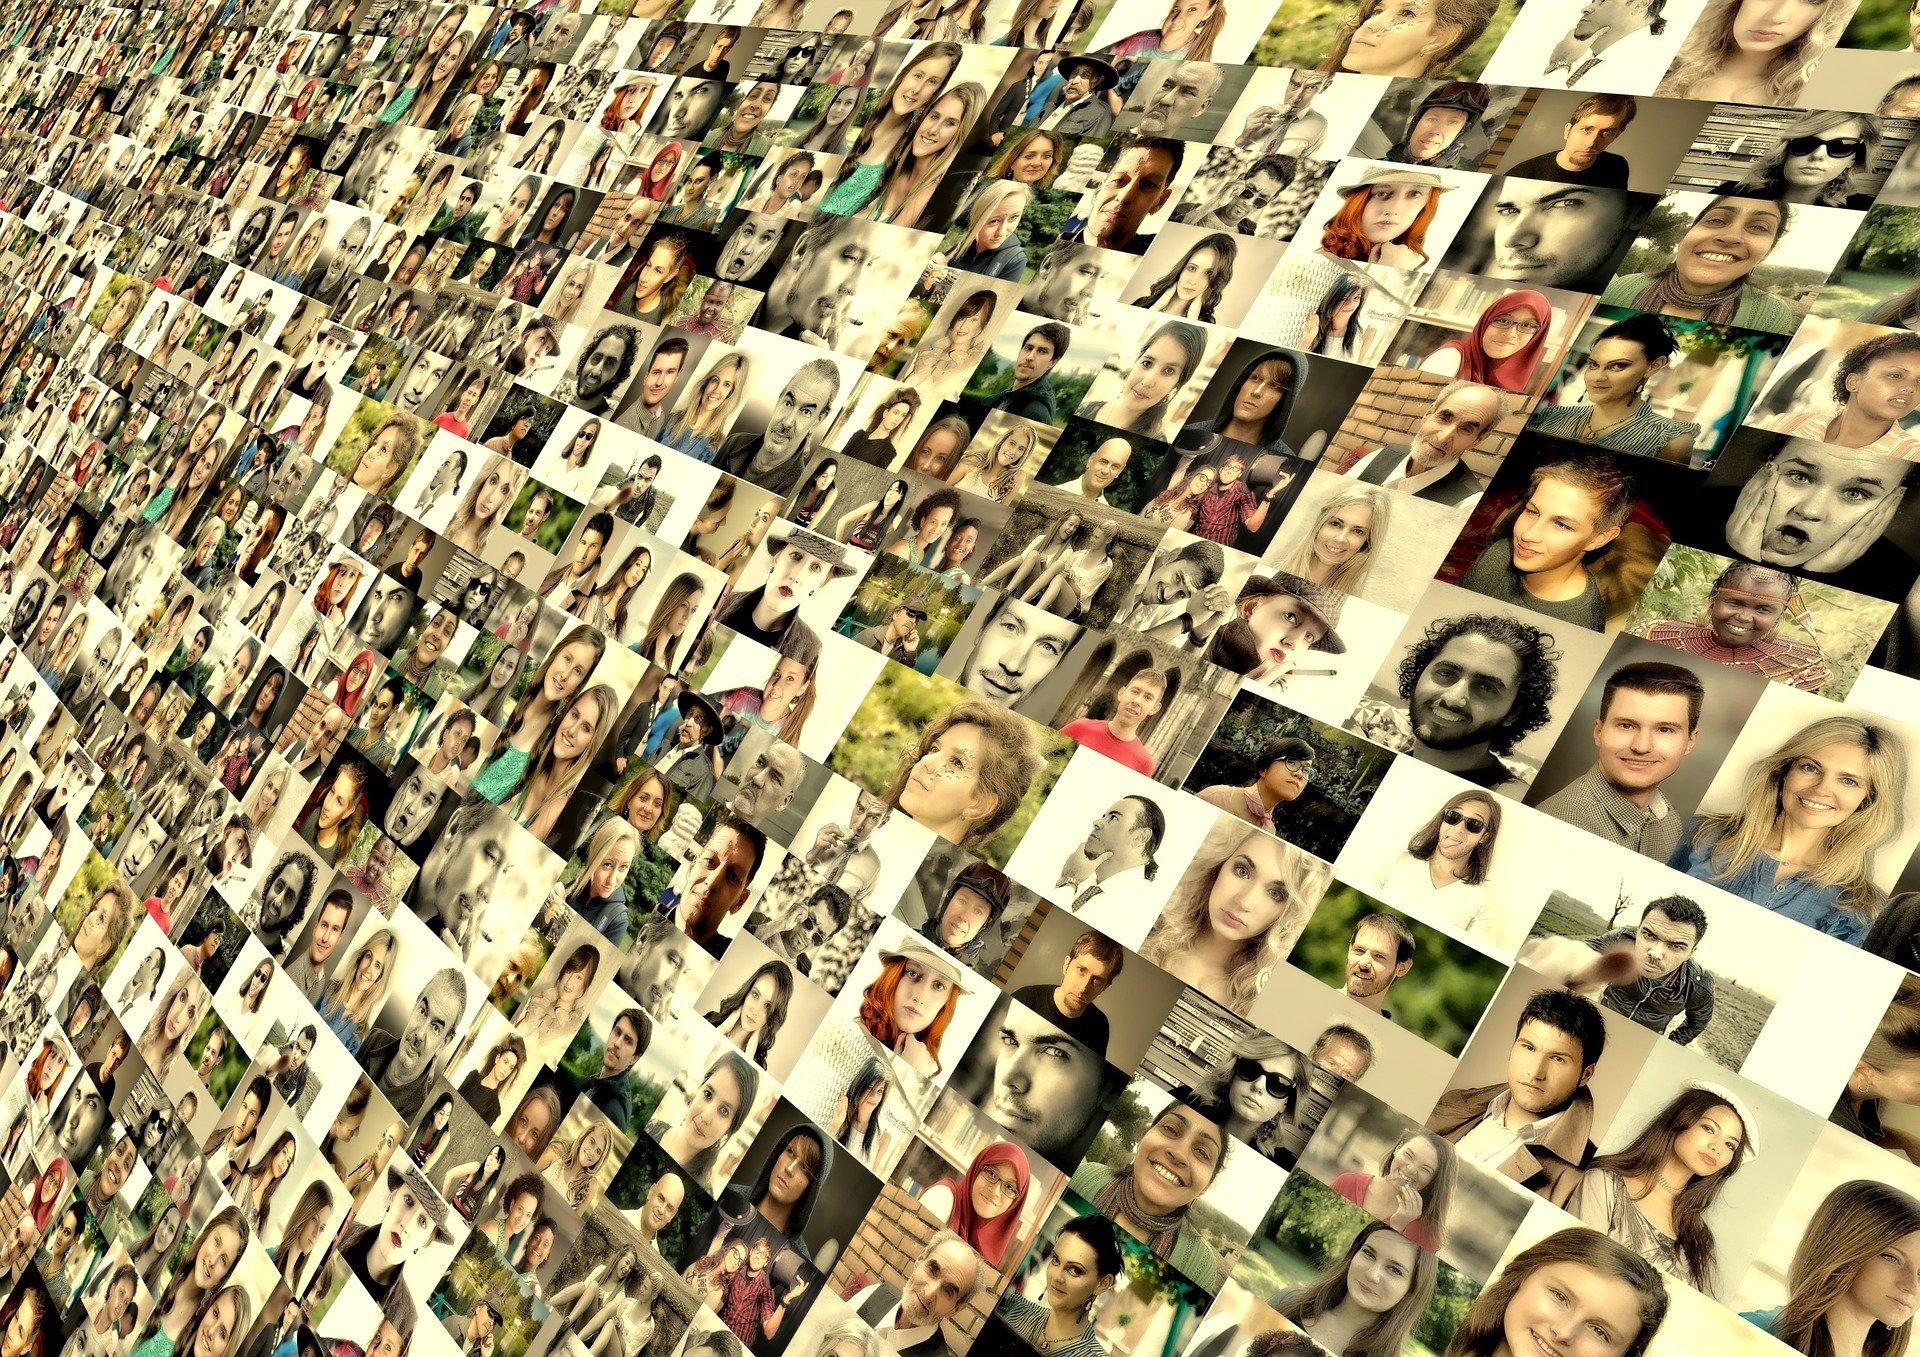 Natalité, alimentation, vieillissement: les troisbombes démographiques